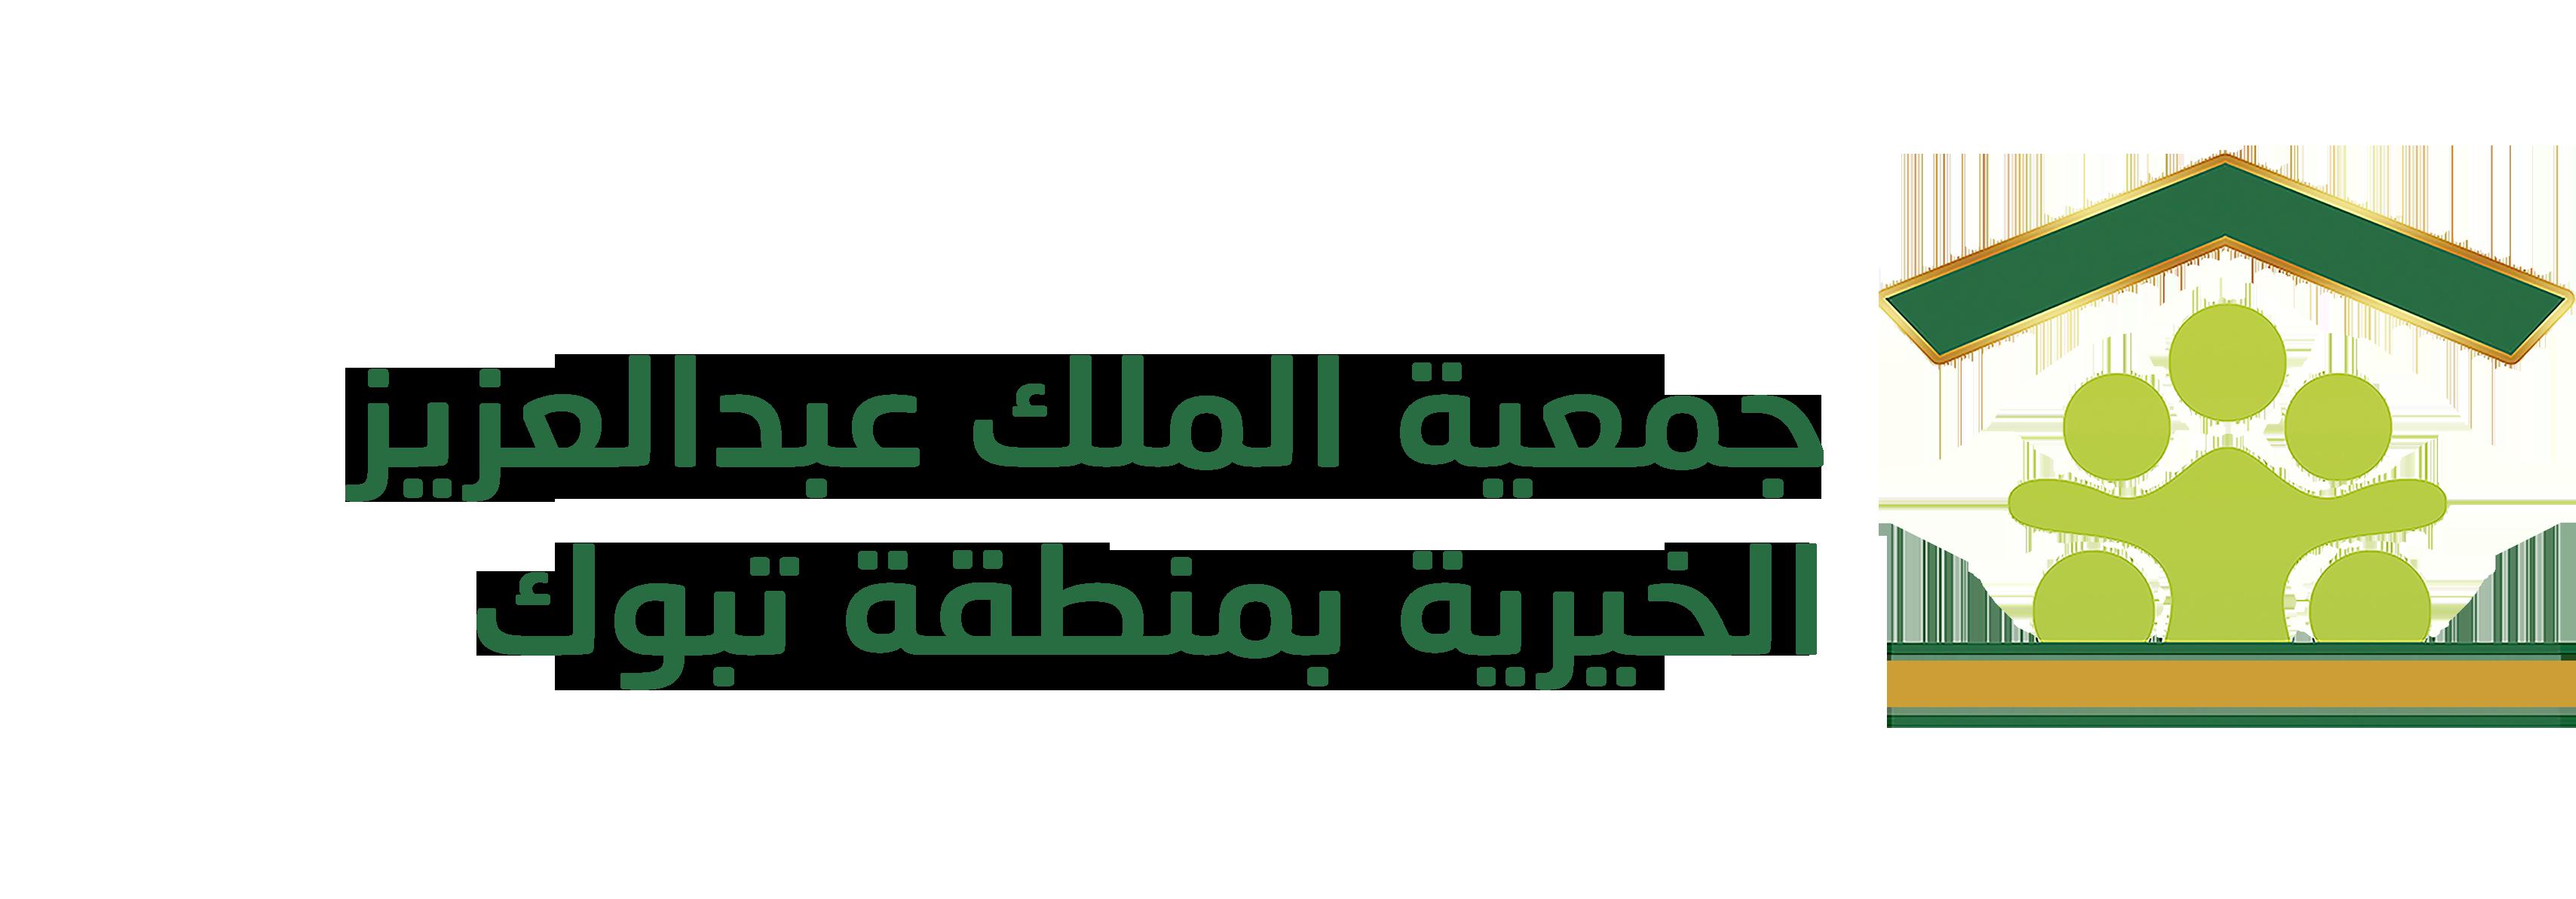 جمعية الملك عبد العزيز الخيرية بتبوك